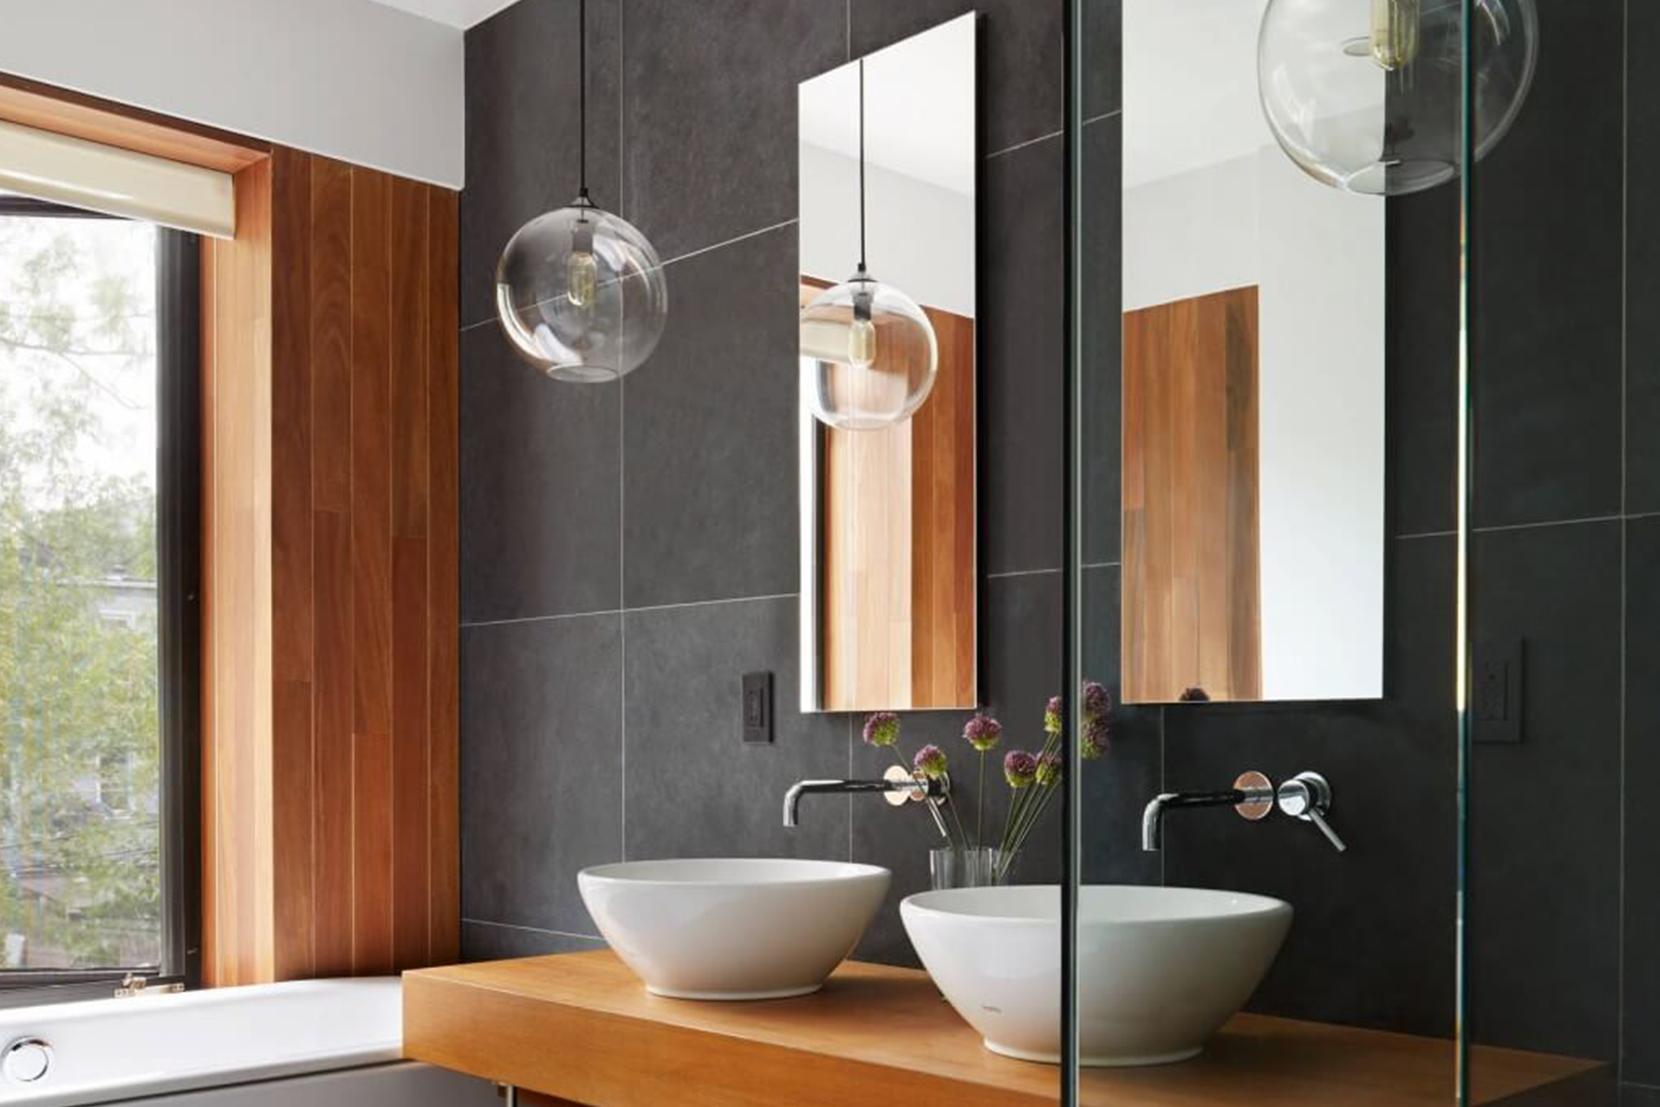 Clearance Bathroom Light Fixtures Bathroom Light Fixtures On Clearance Bathroom The Best Home